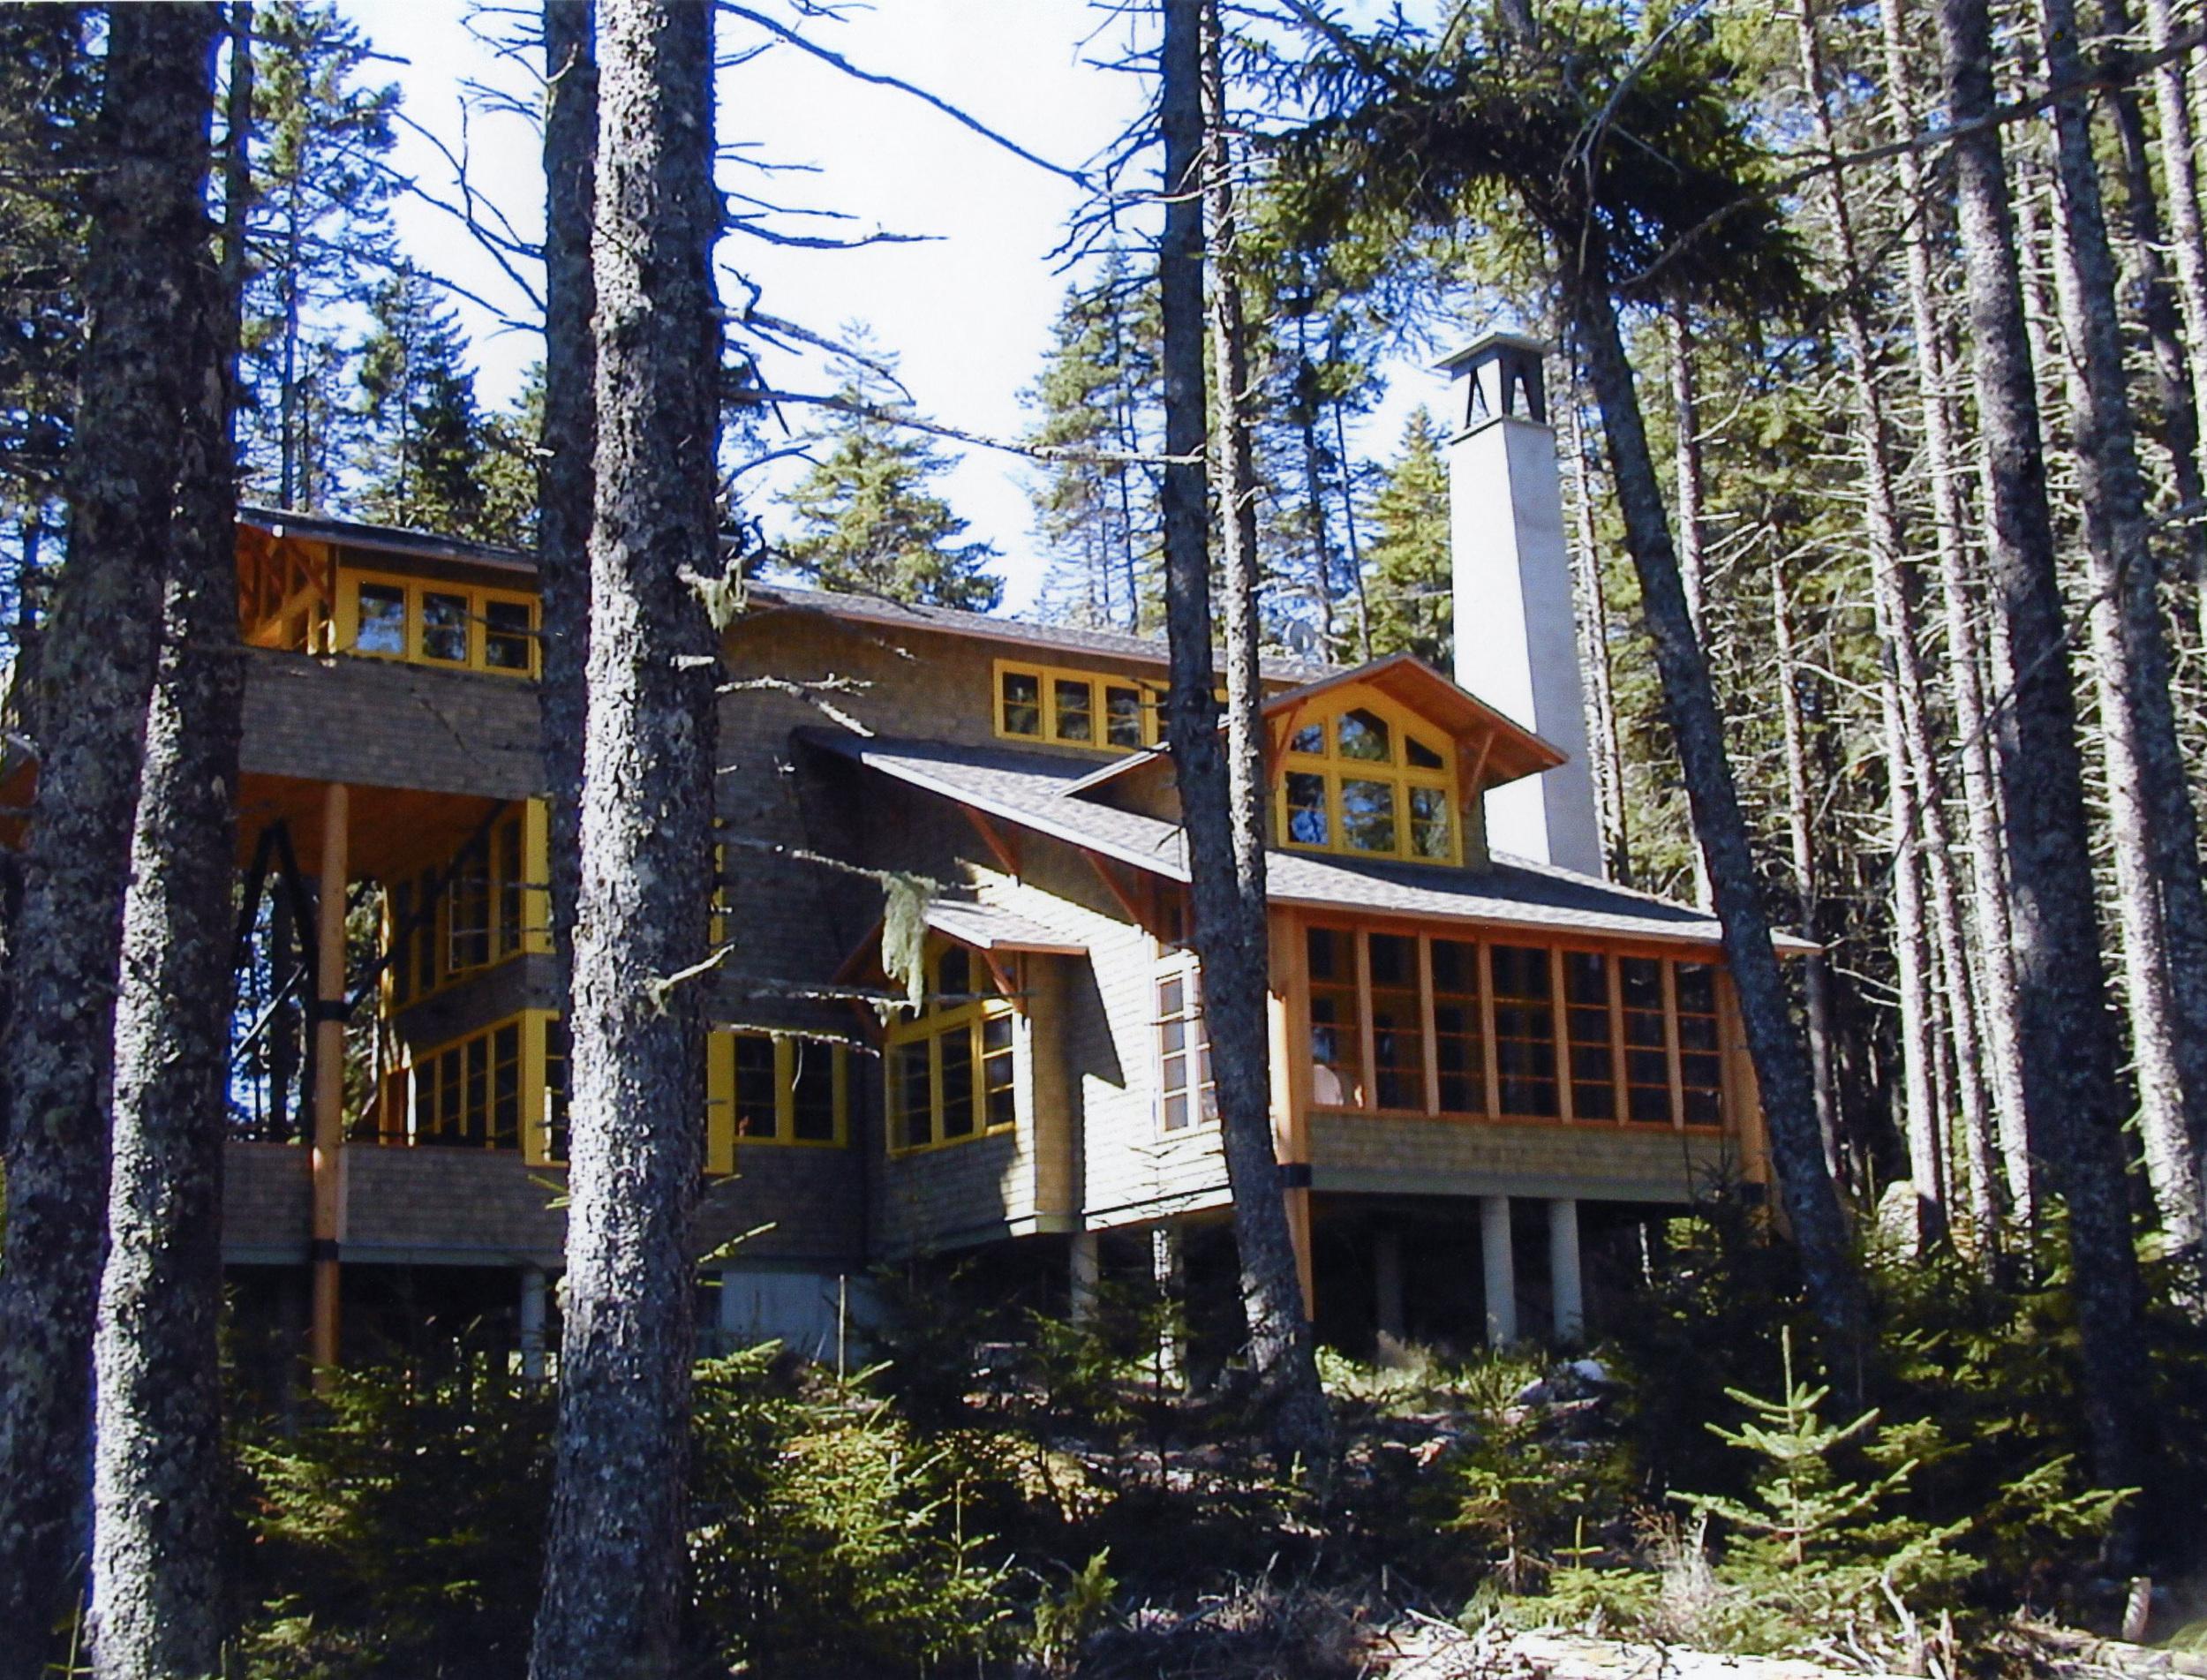 Architect: Winton F. Scott   Photo: Brian Vanden Brink